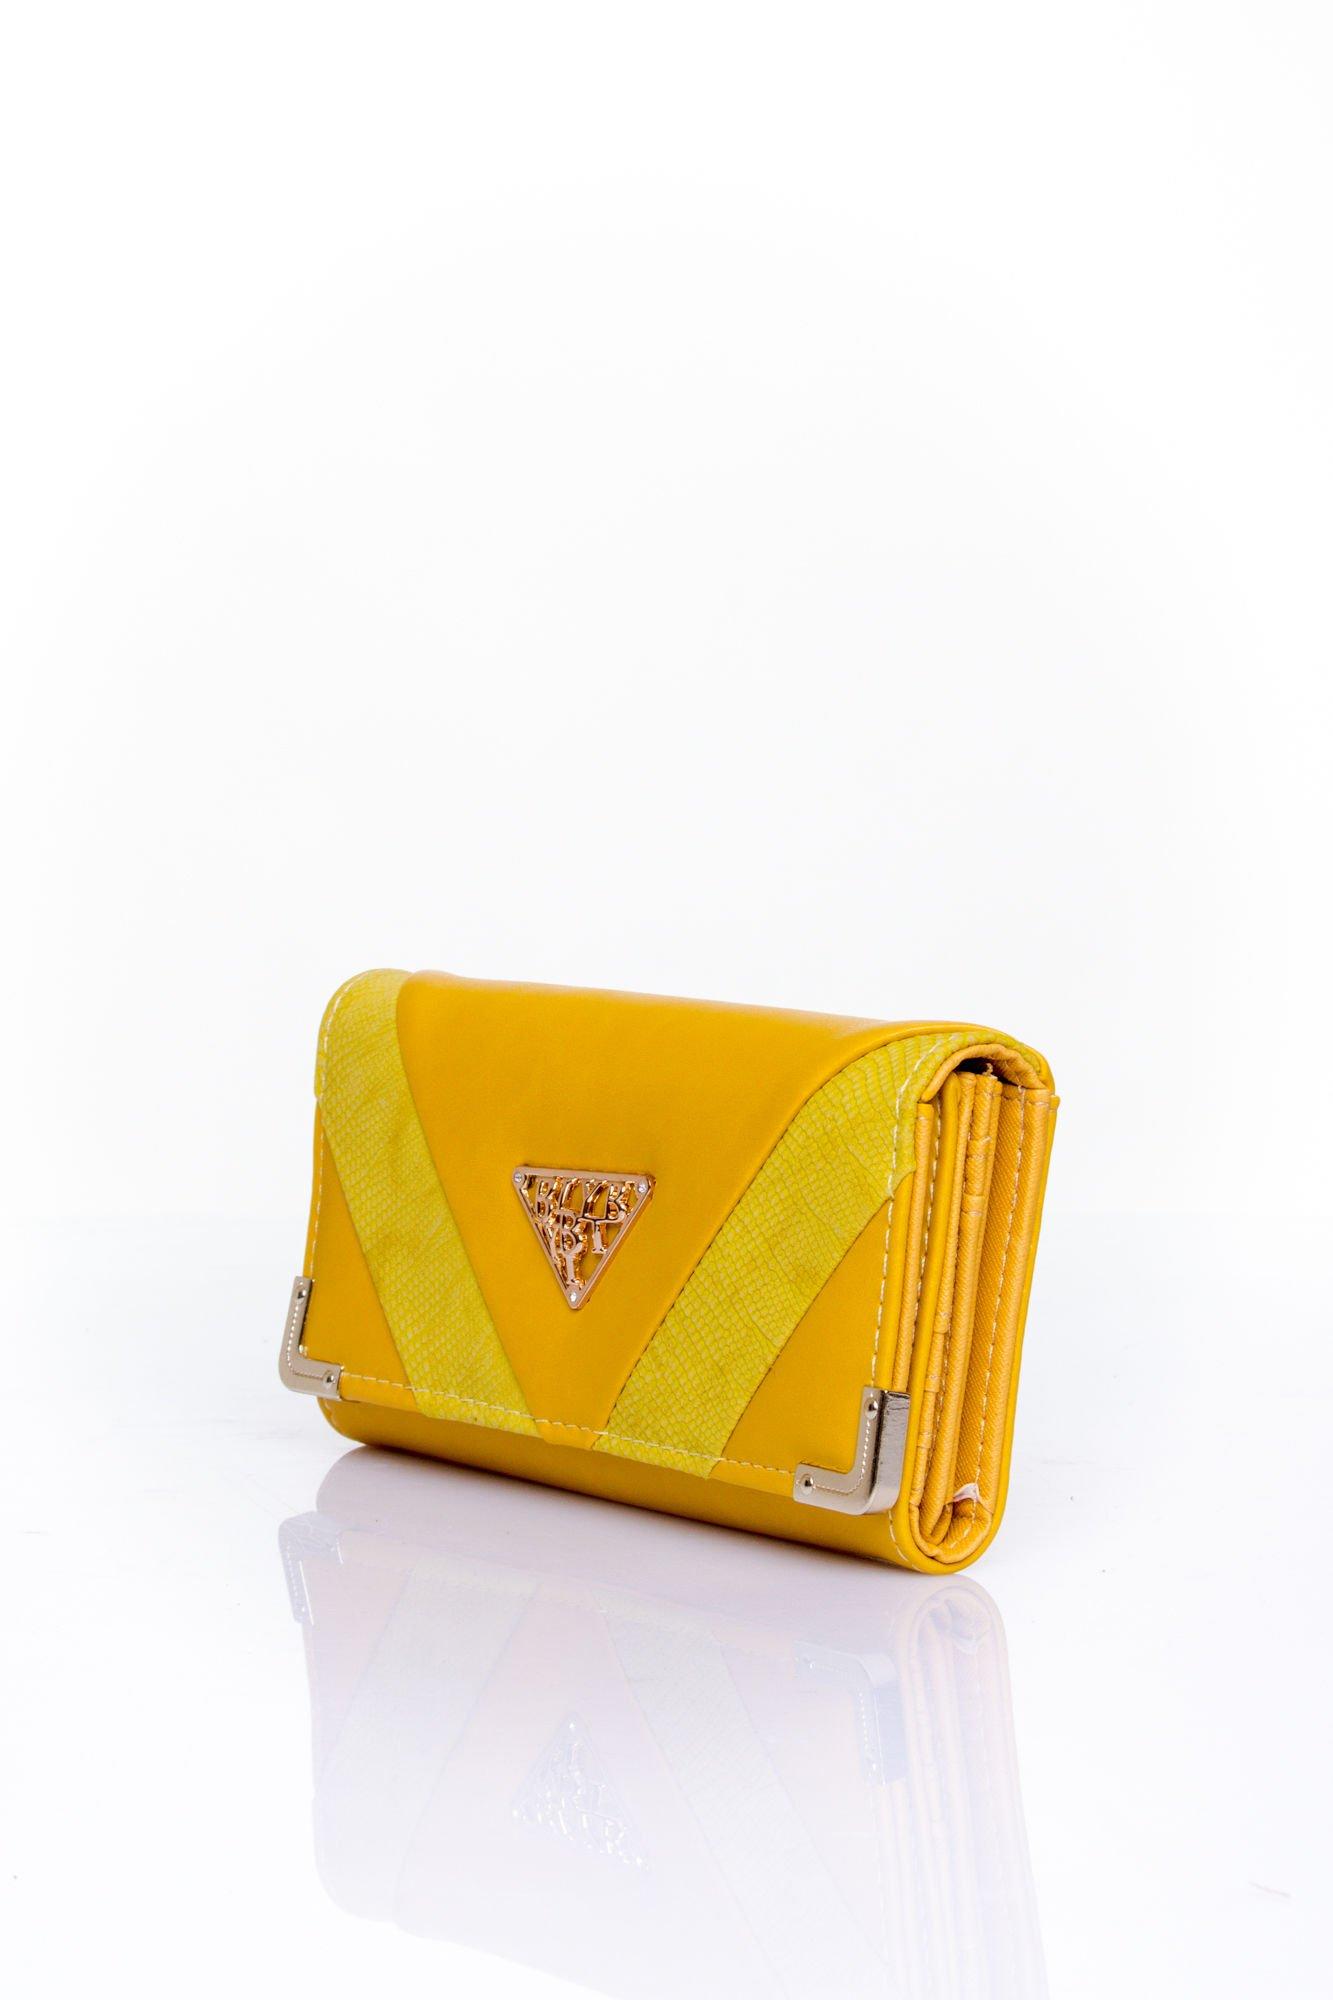 Żółty portfel z ozdobnym detalem i złotymi okuciami                                  zdj.                                  3